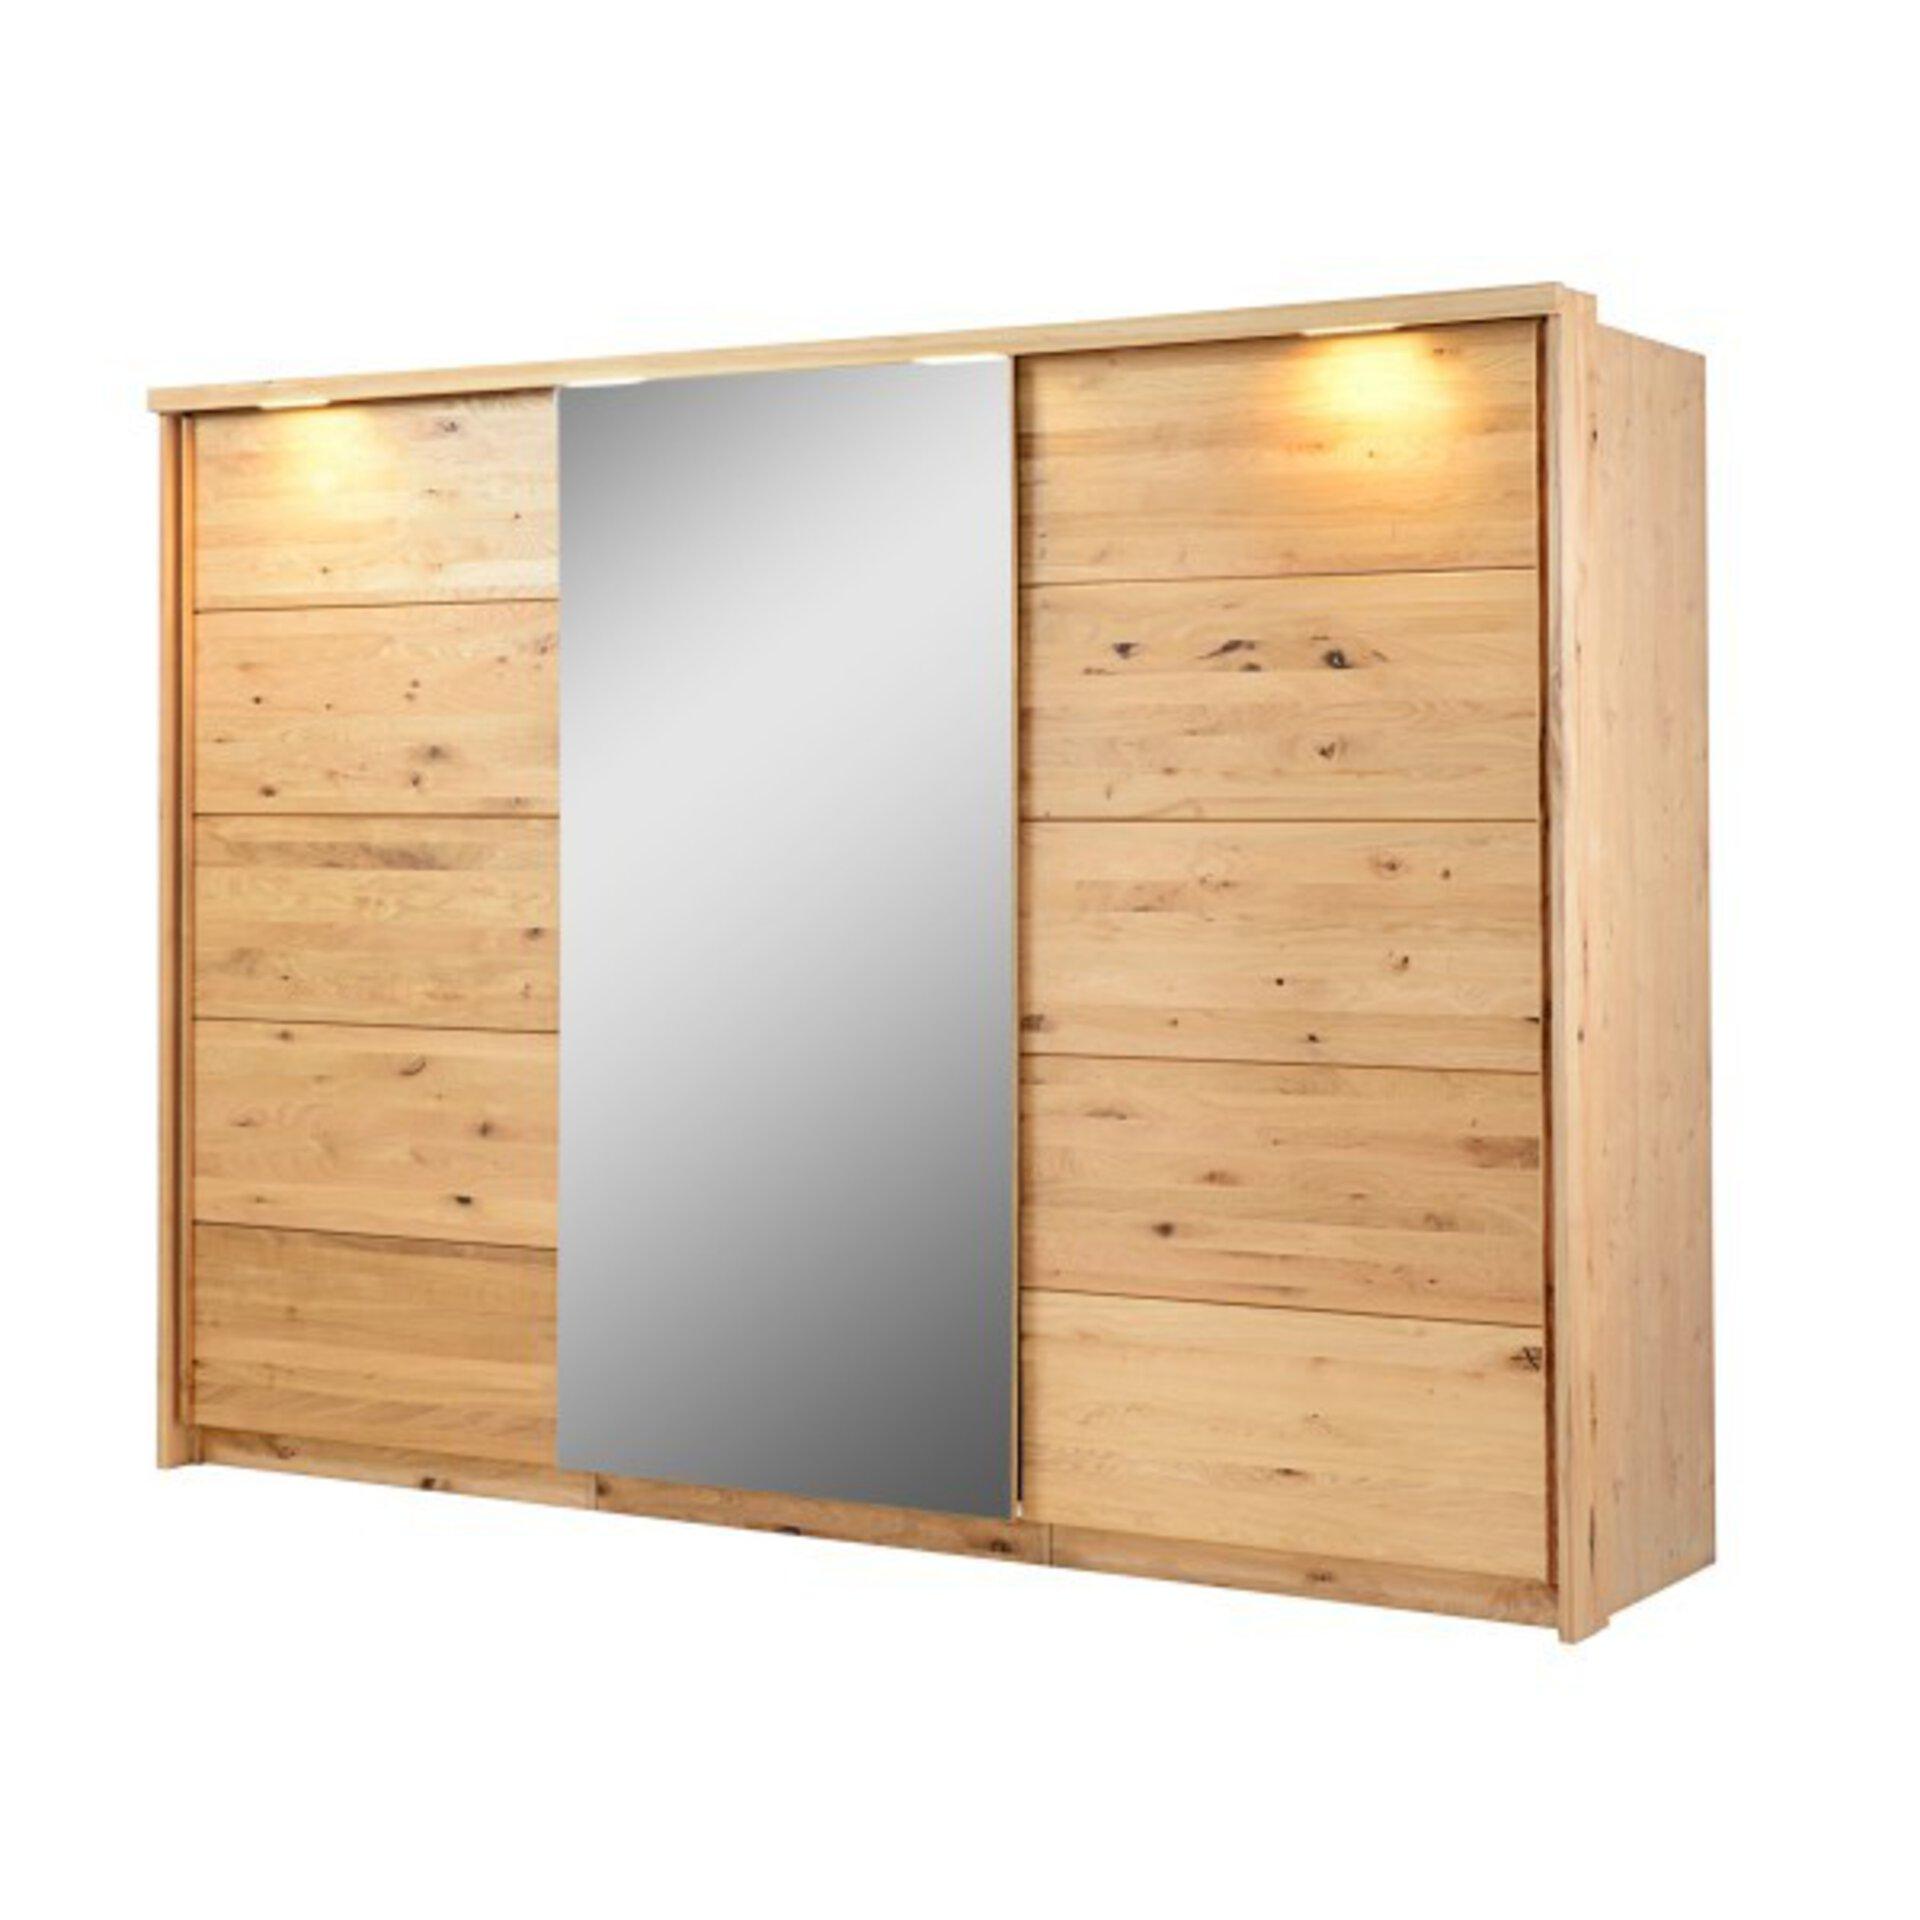 Schwebetürenschrank NICOLE Dreamoro Holzwerkstoff 70 x 209 x 285 cm